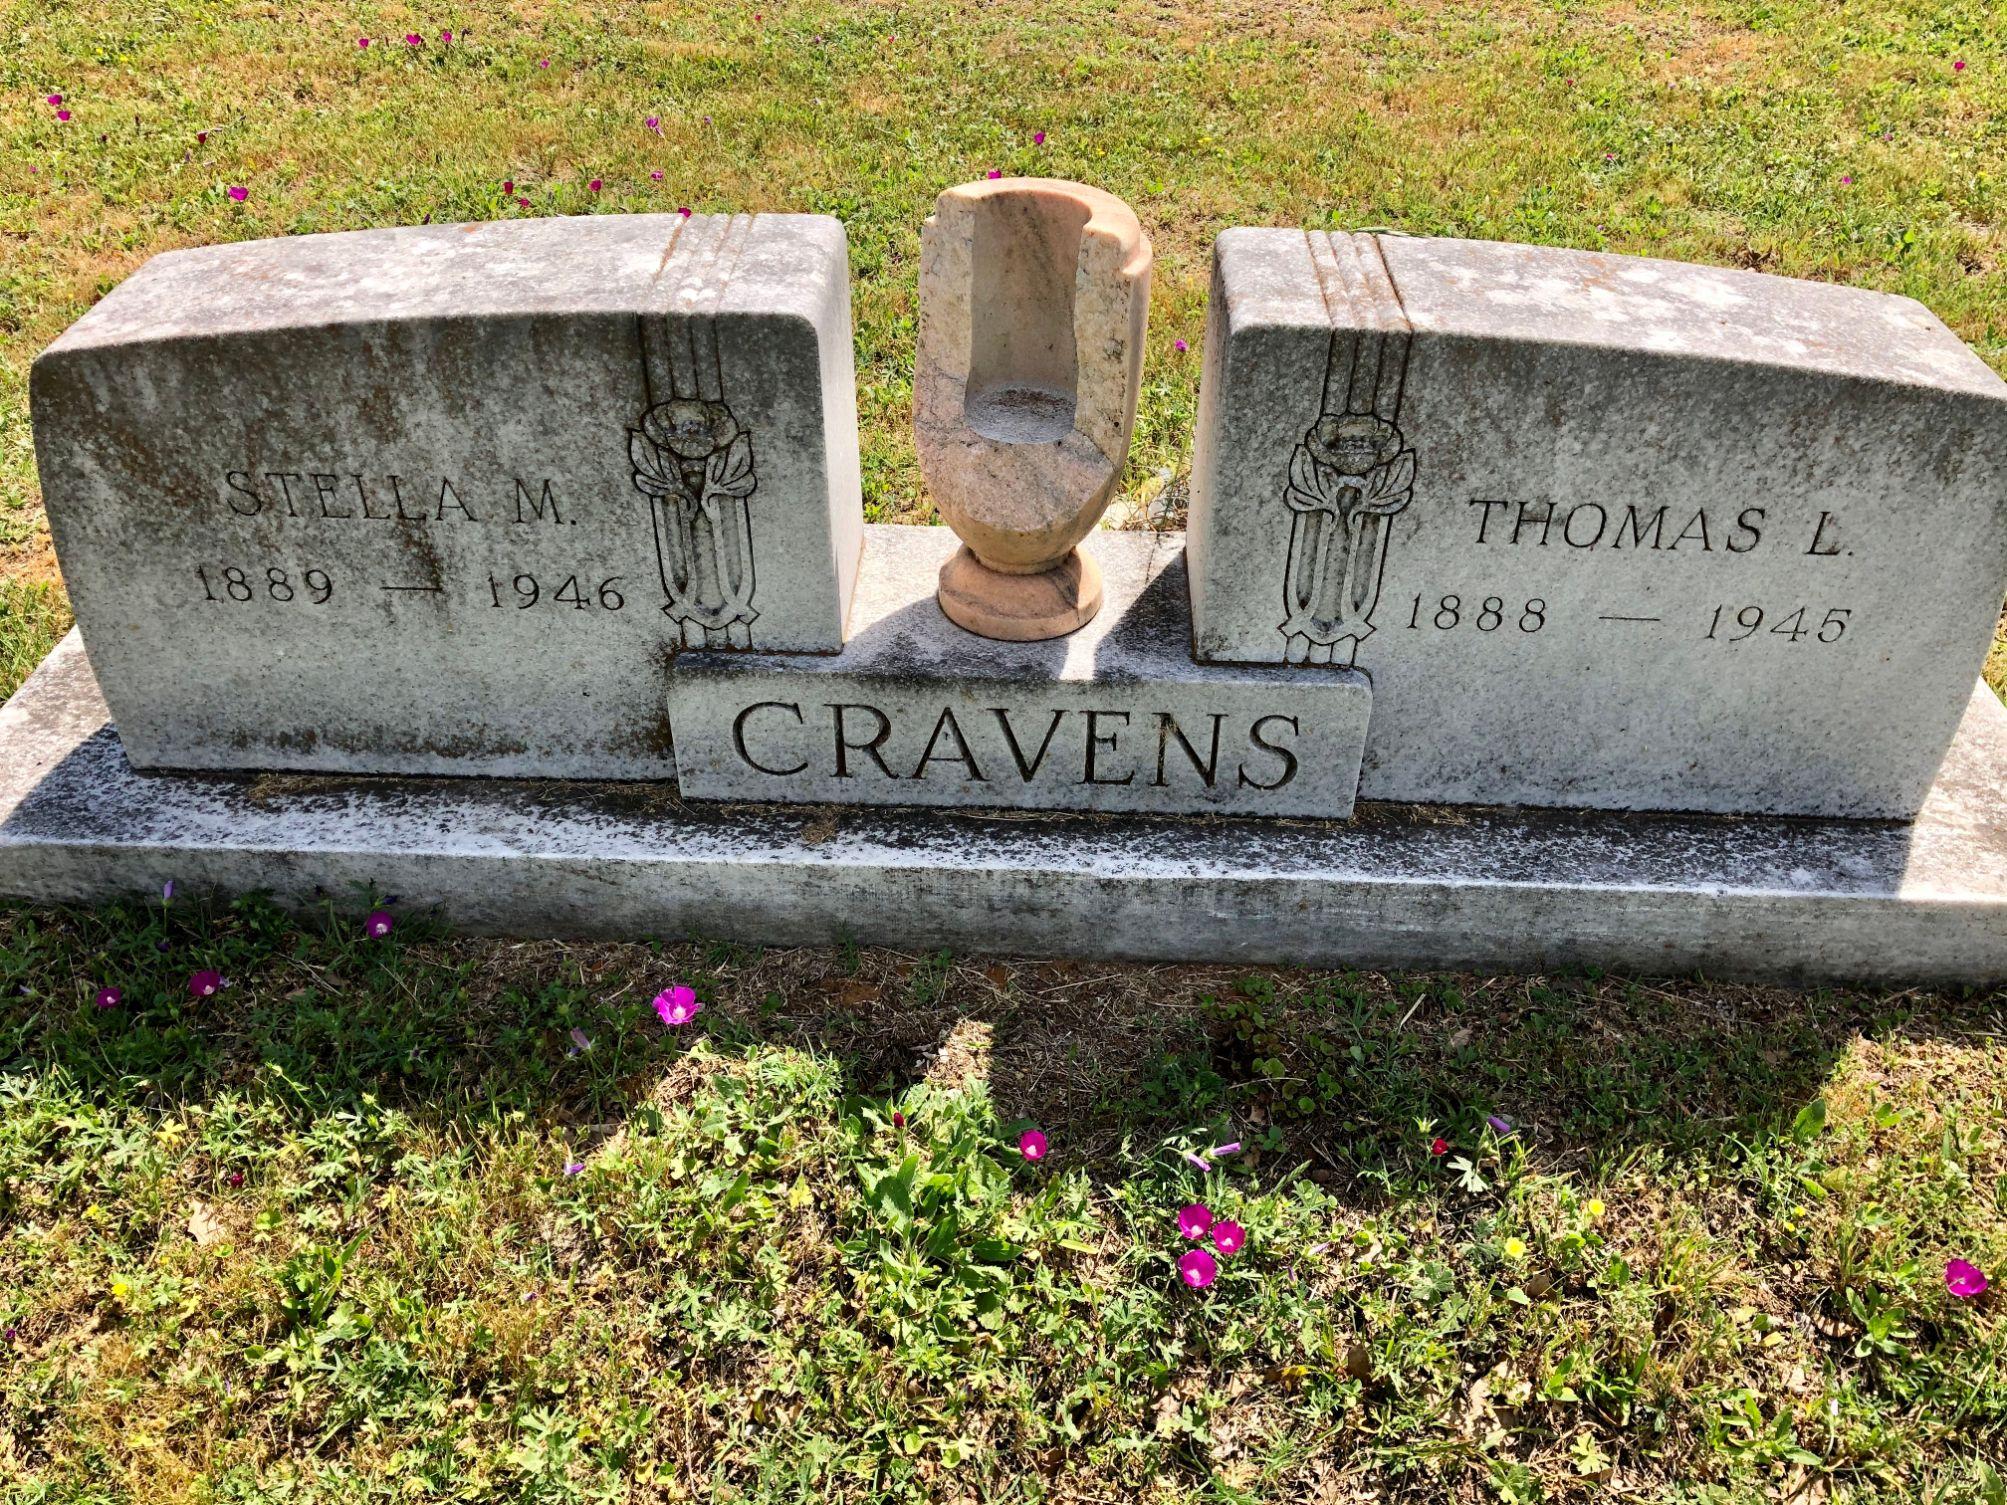 Cravens